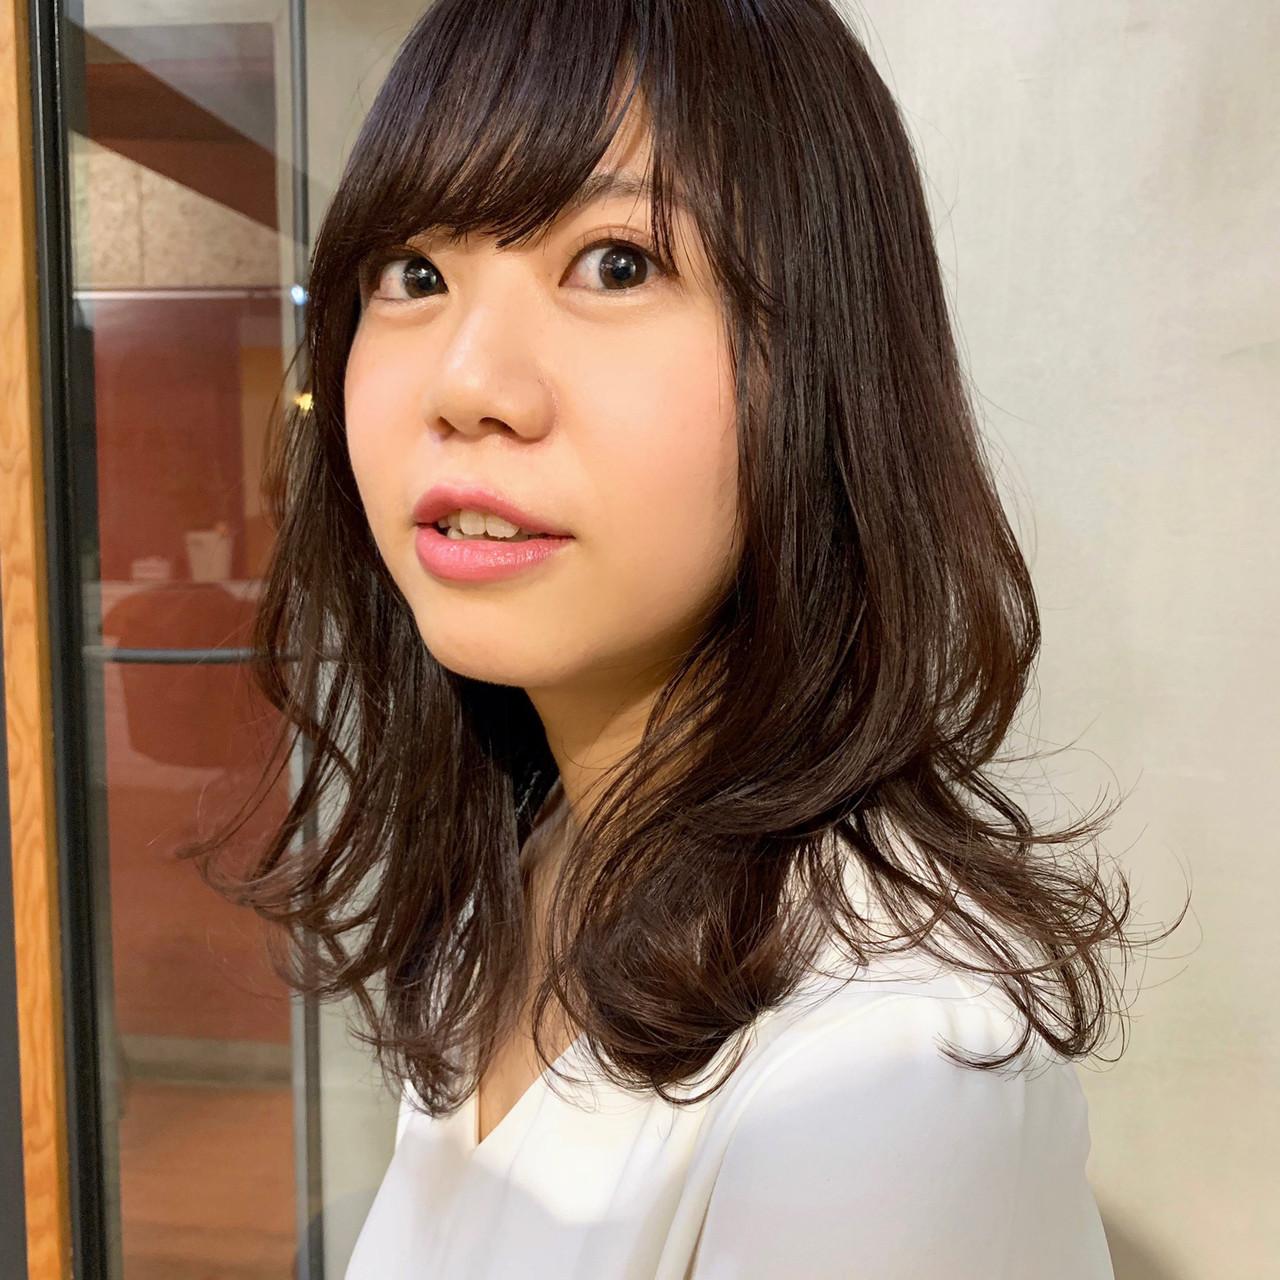 セミロング オフィス ナチュラル アンニュイほつれヘア ヘアスタイルや髪型の写真・画像 | 上川美幸 / carlm